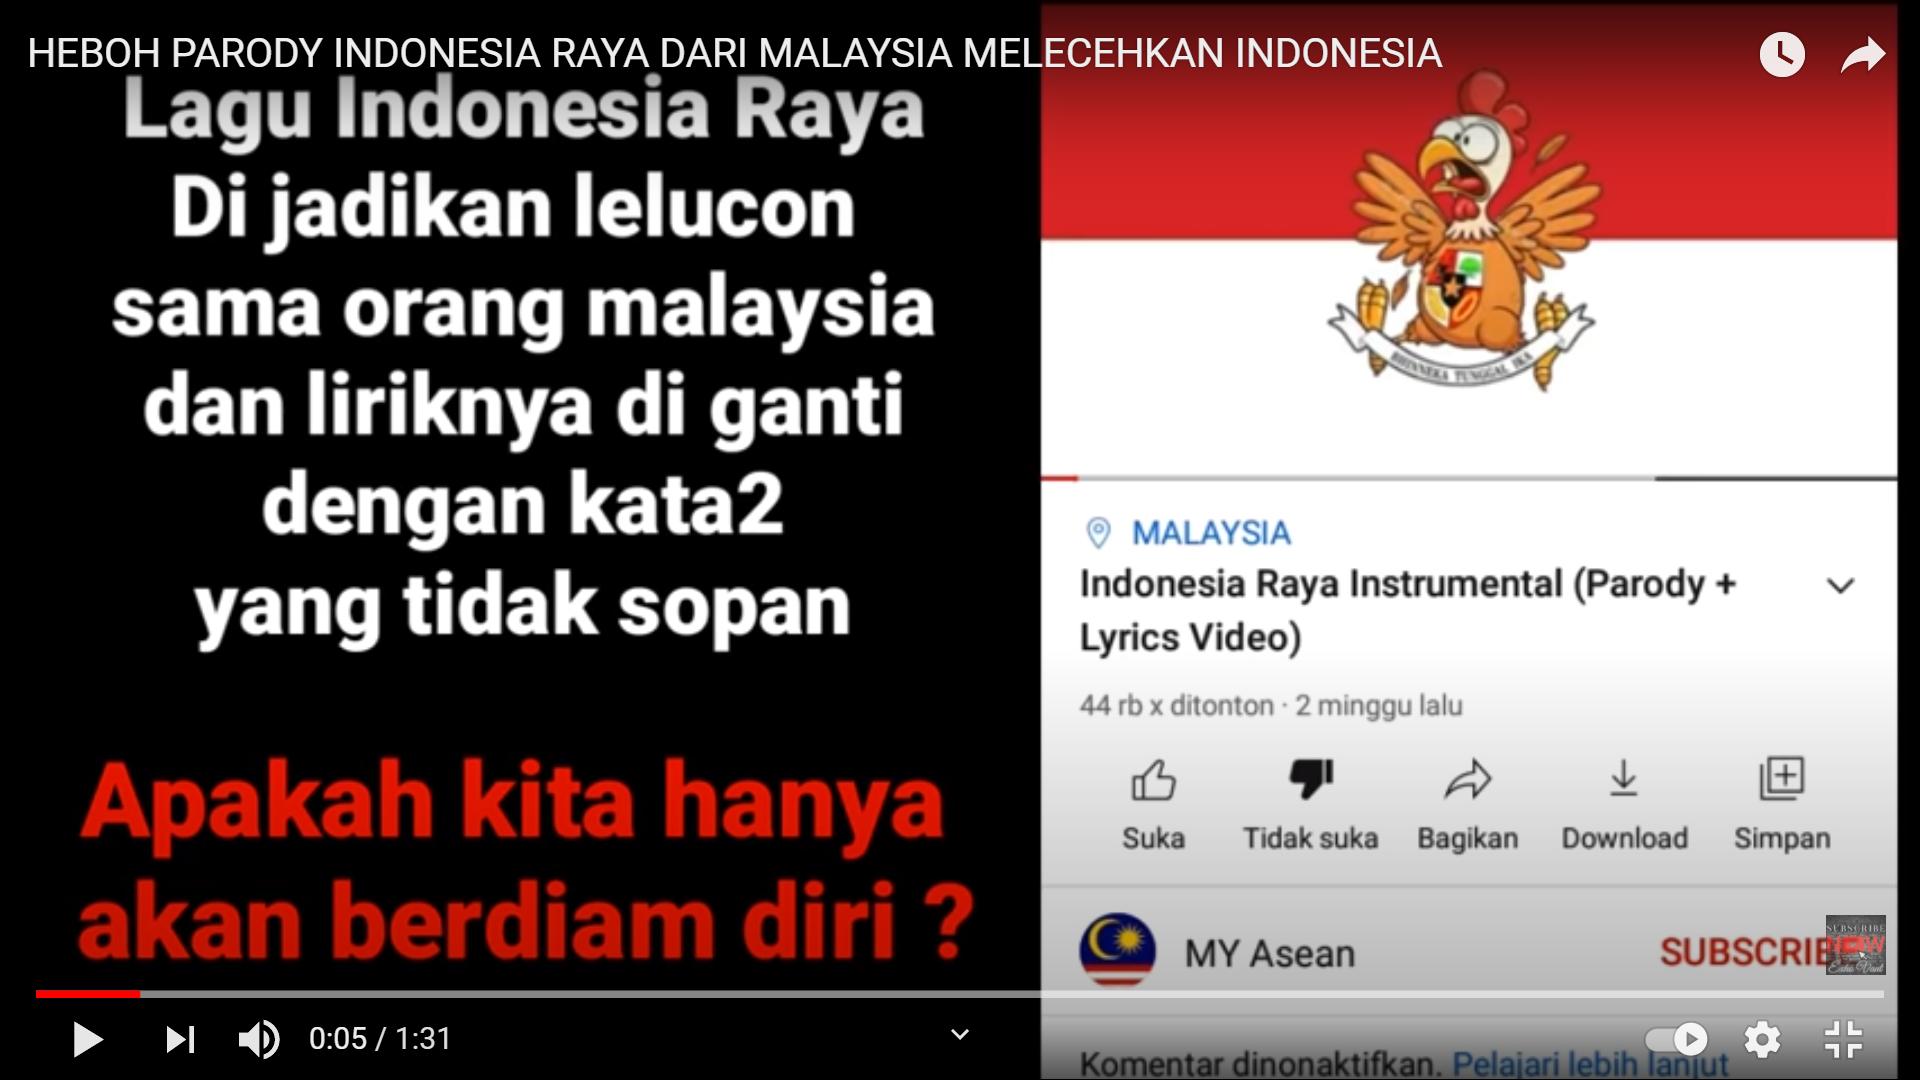 Indonesia Raya Dijadikan Parodi Mendadak Viral, Pemerintah Malaysia Siap Mengusut Tuntas